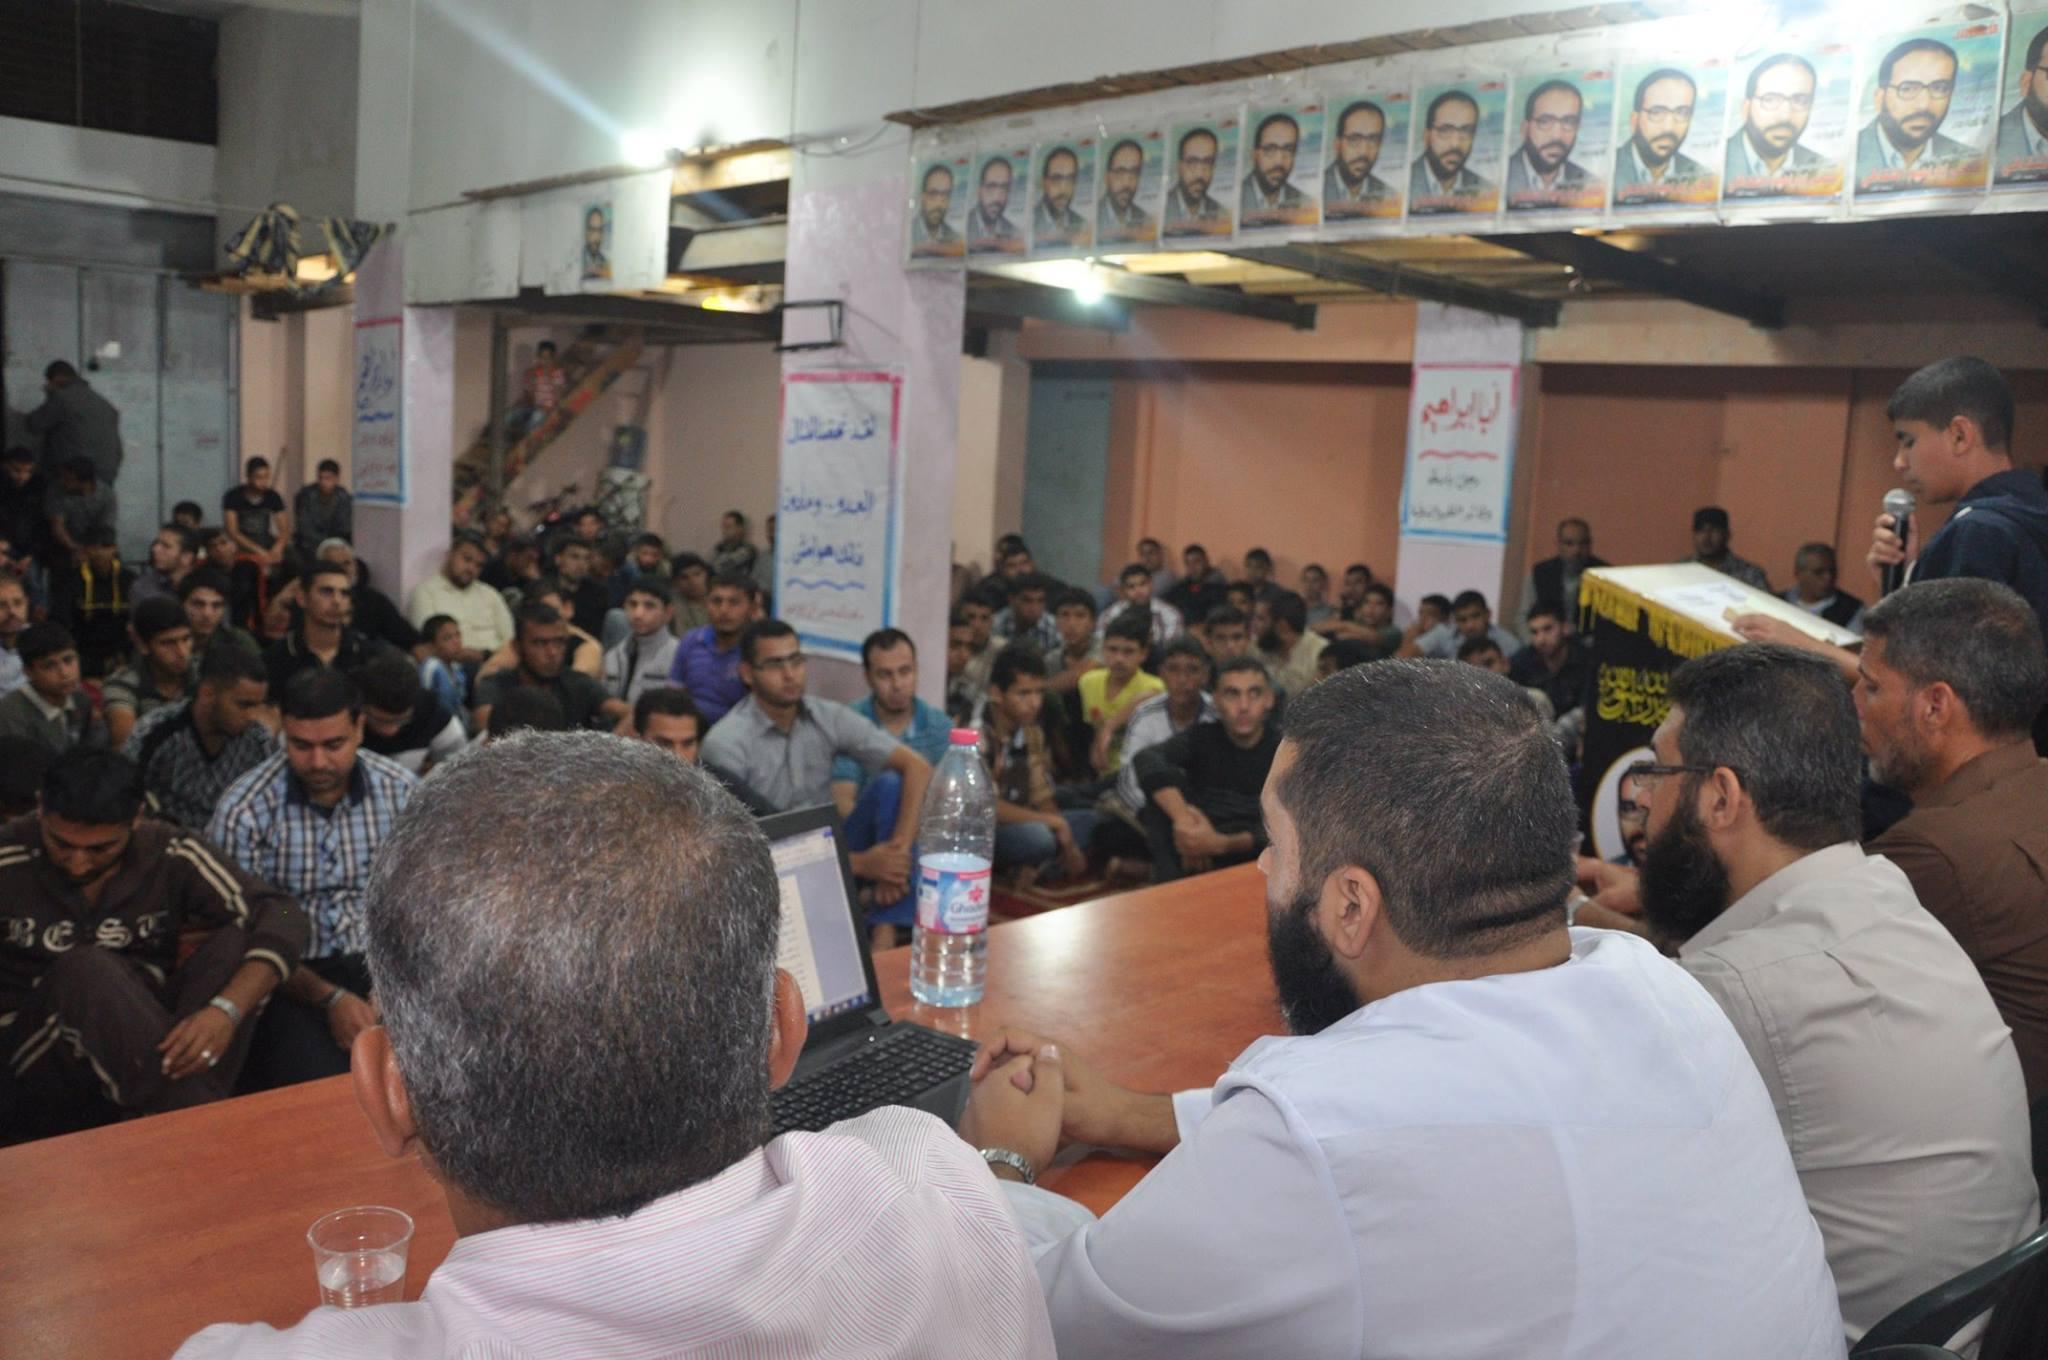 مسجد صلاح الدين ، احتفال الشقاقي